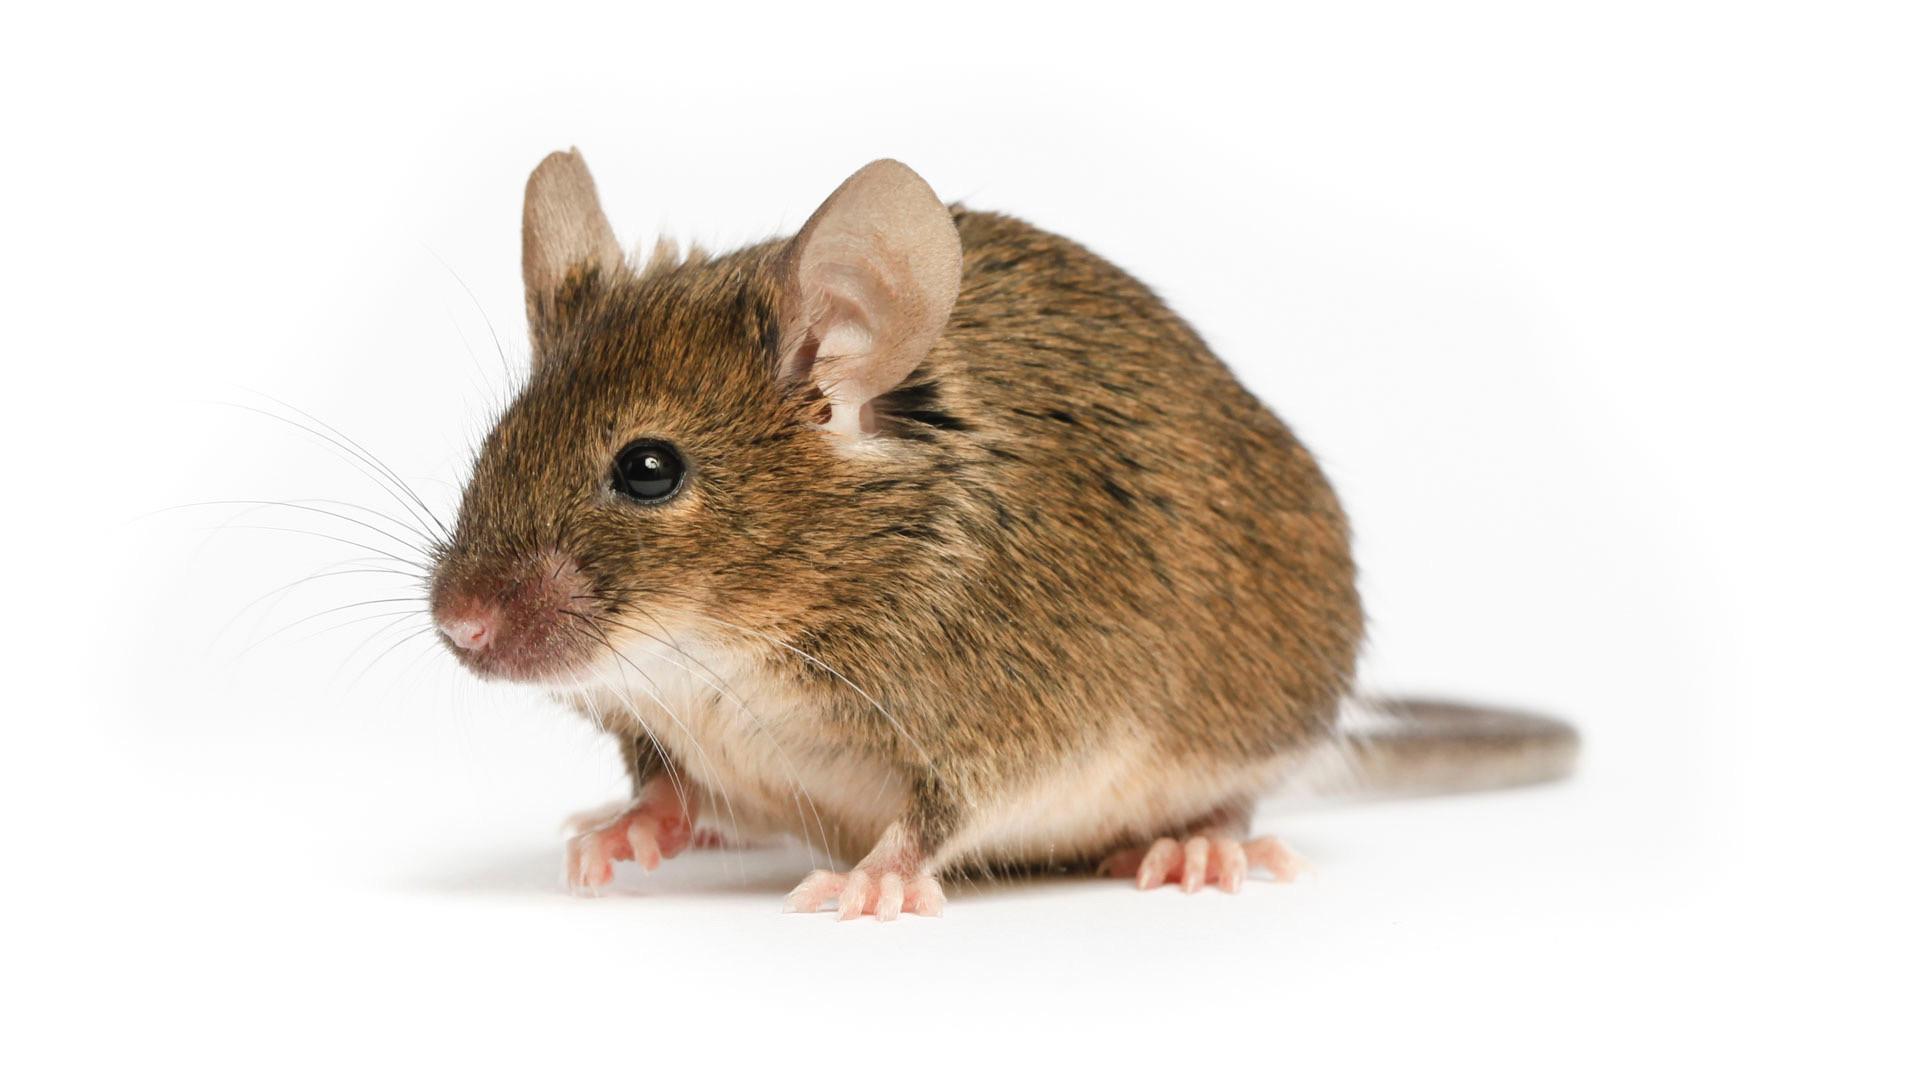 Mouse Treatment